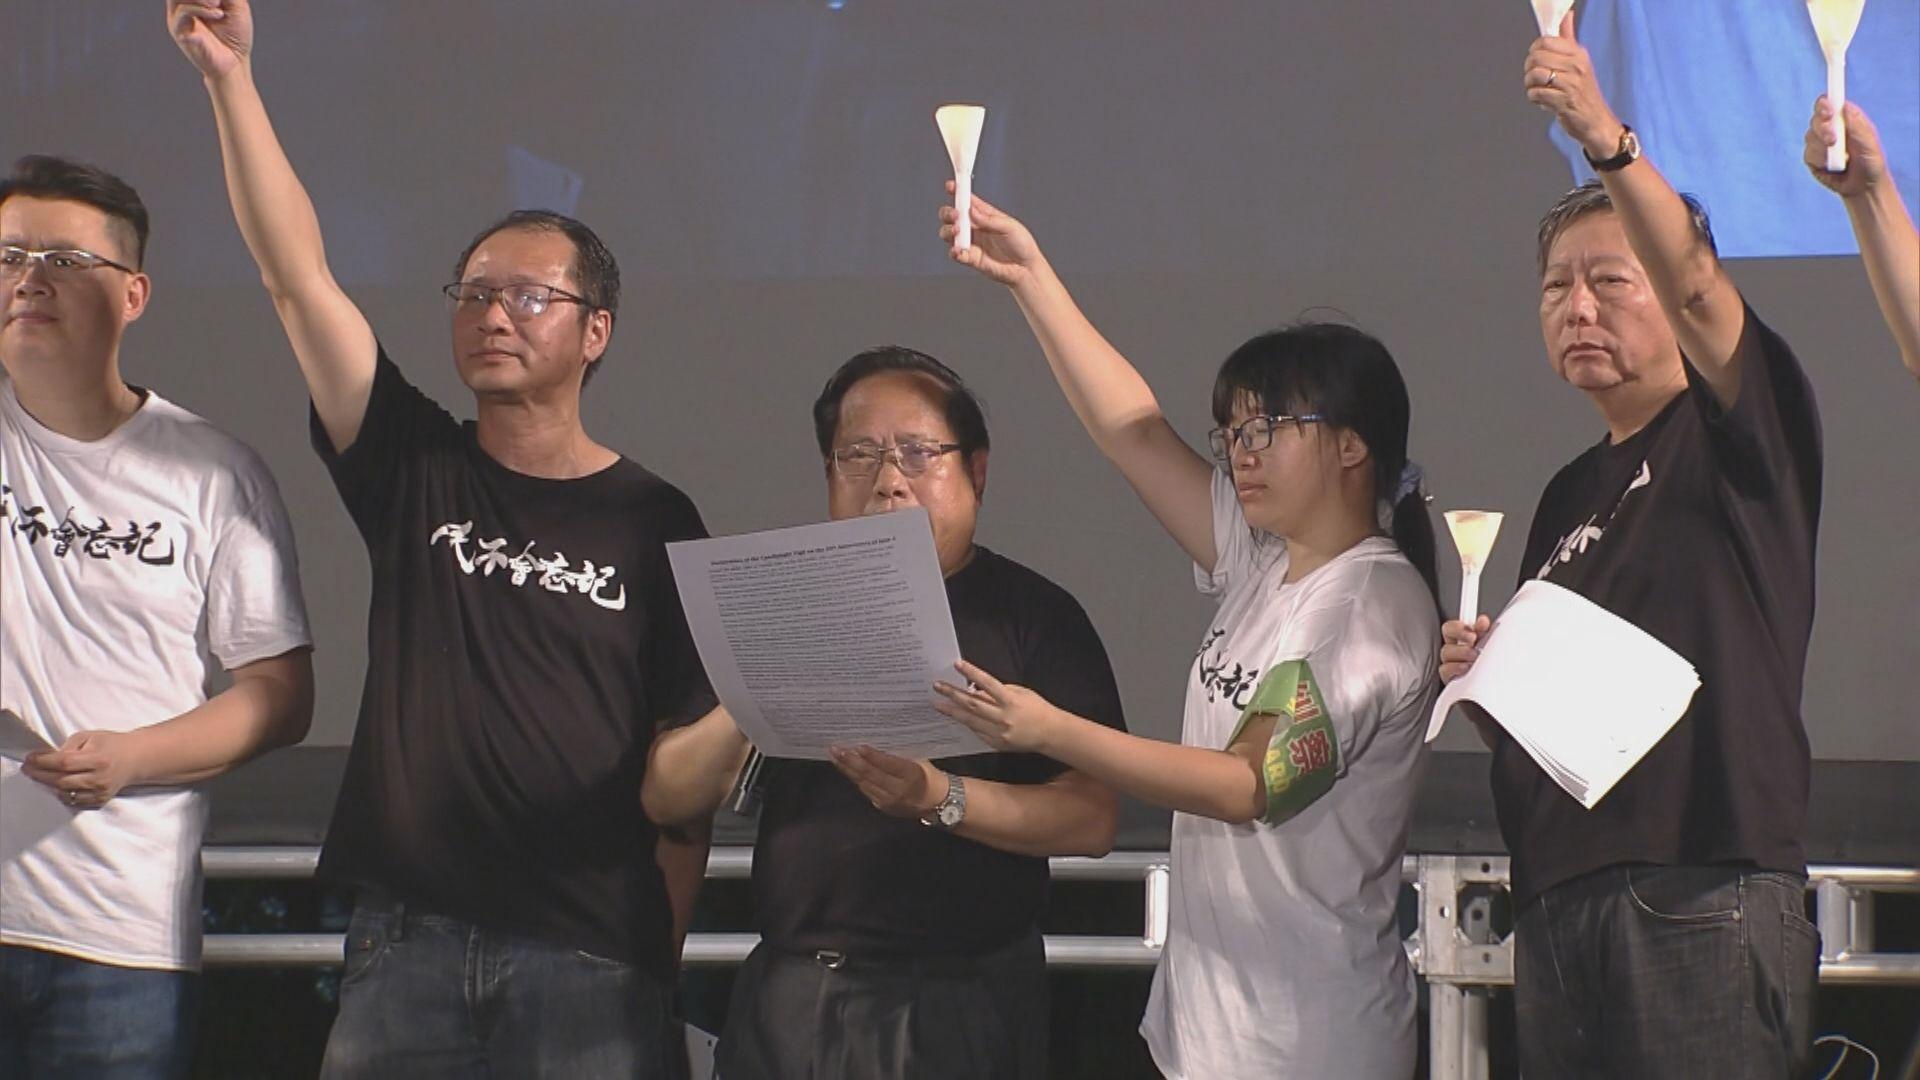 林鄭:「結束一黨專政」口號是否違法 要視乎多種因素